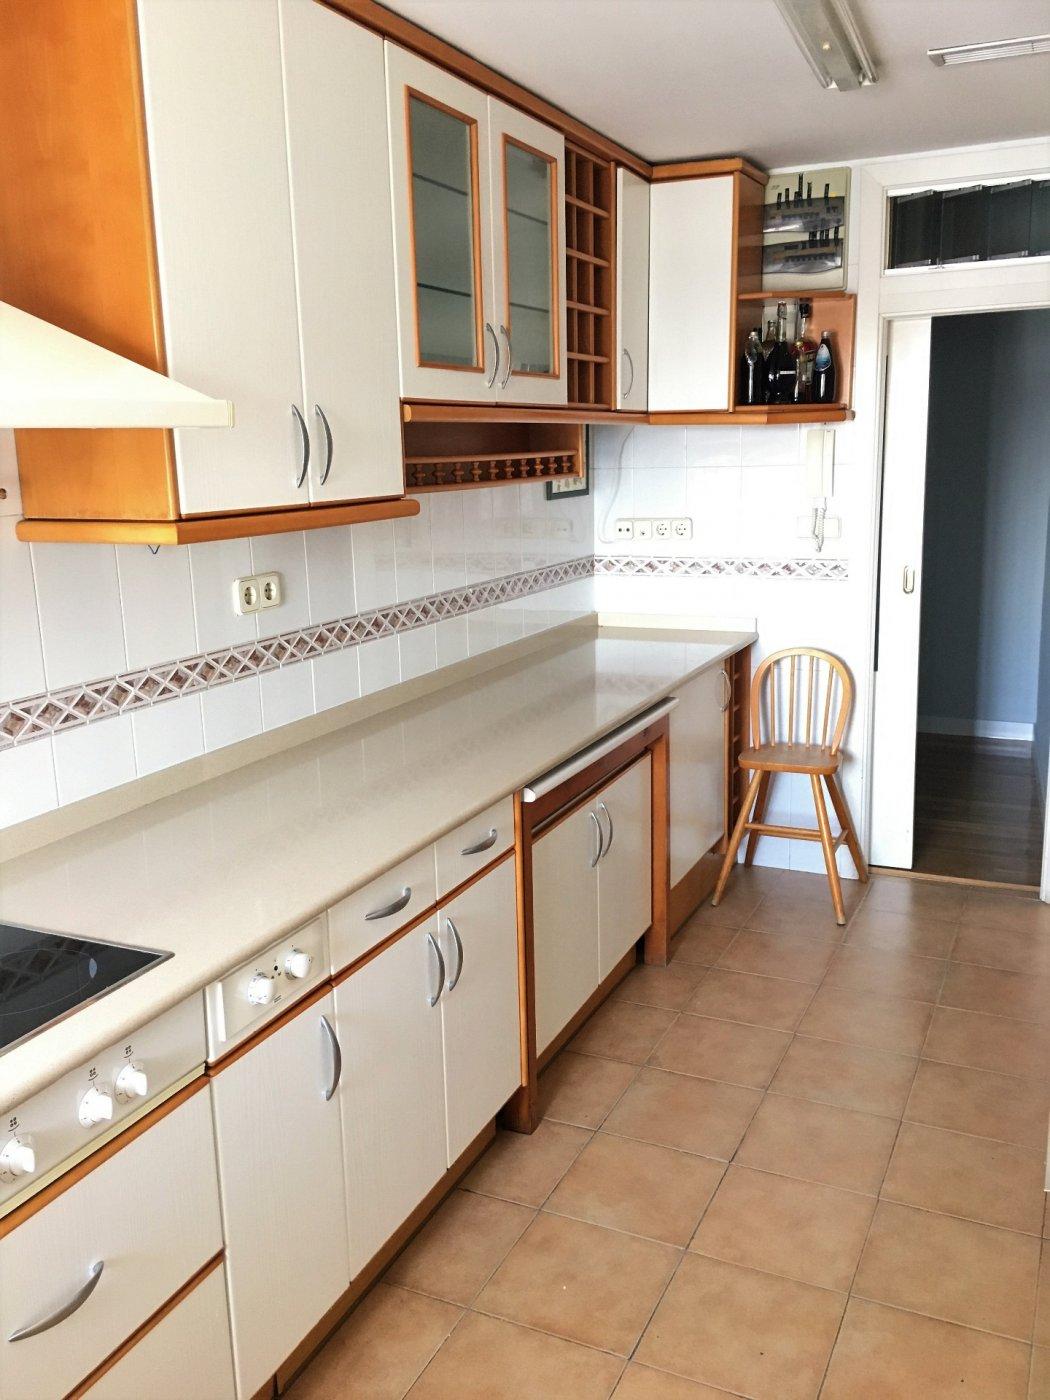 Alquiler de piso en madrid - imagenInmueble15